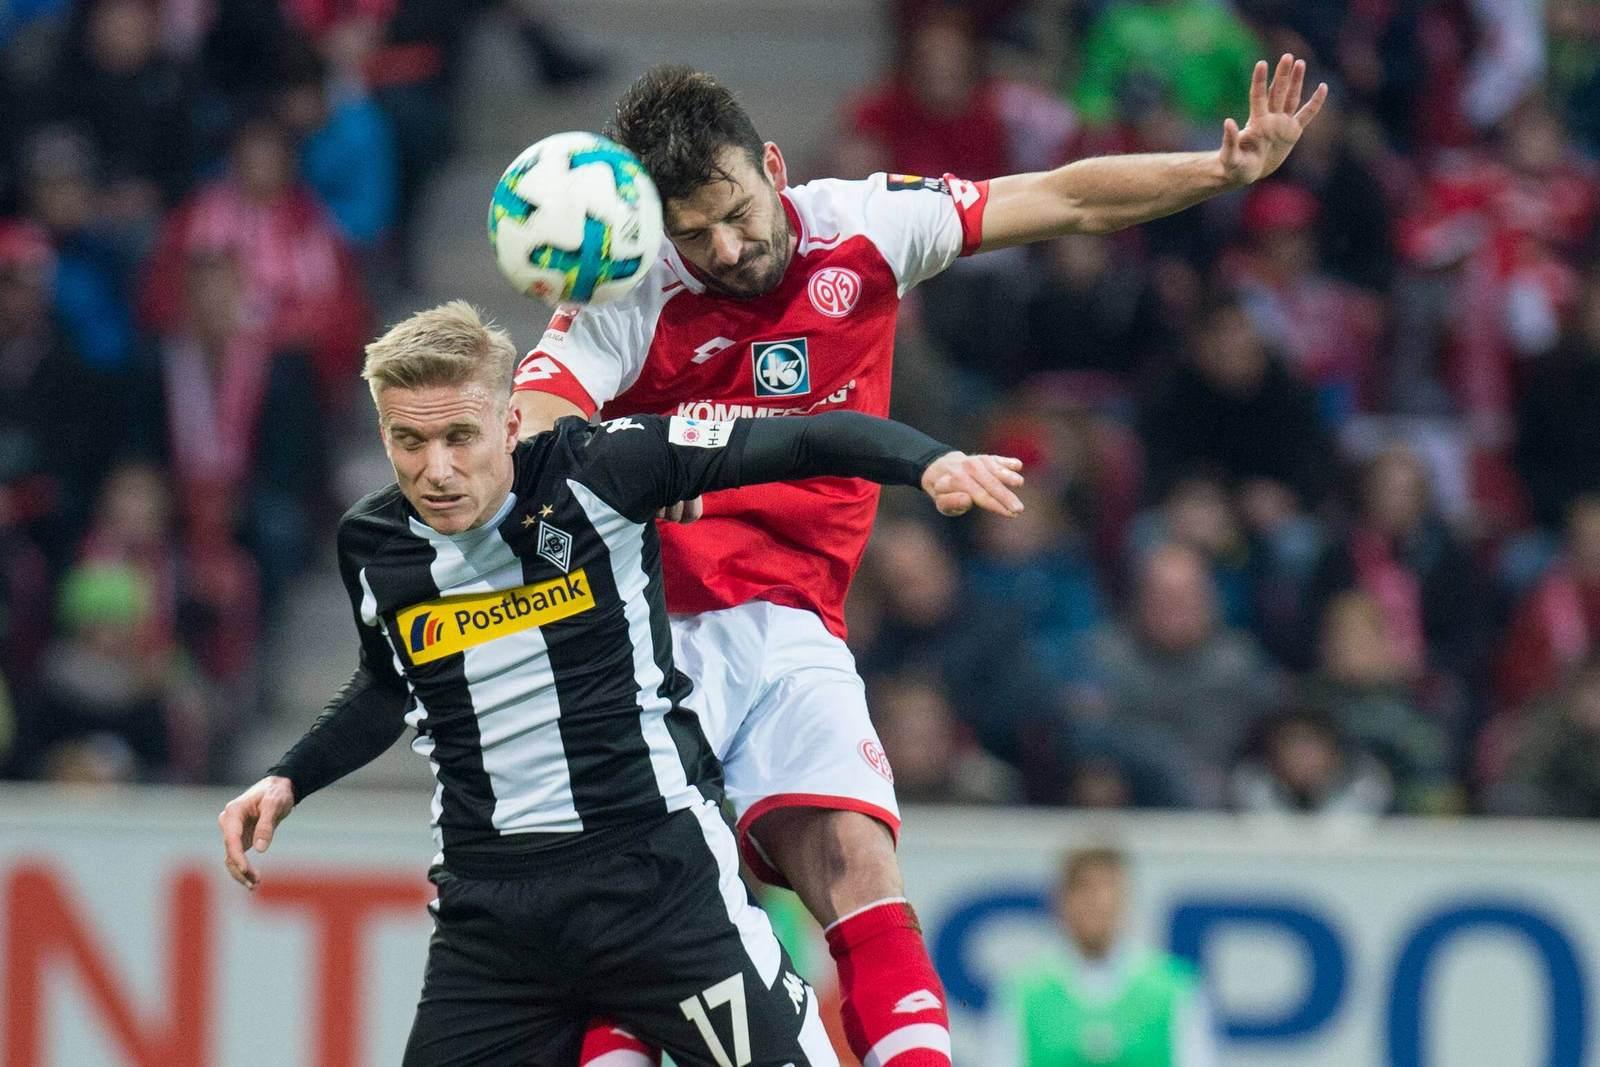 Oscar Wendt gegen Giulio Donati. Jetzt auf Gladbach vs Mainz wetten